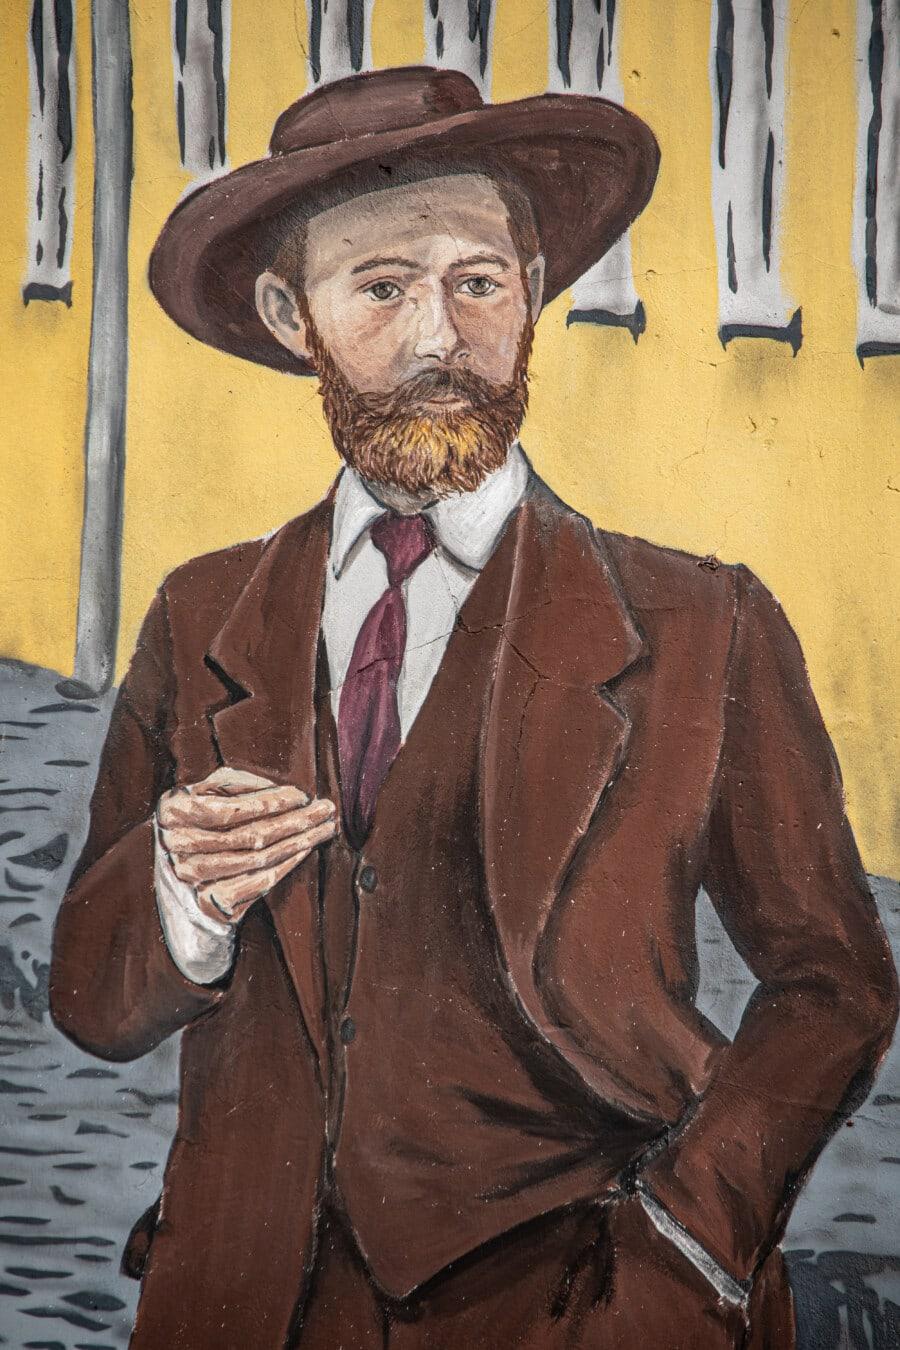 chapeau, vintage, Cow-Boy, Graffiti, gentilhomme, attacher, croquis, illustration, gens, homme